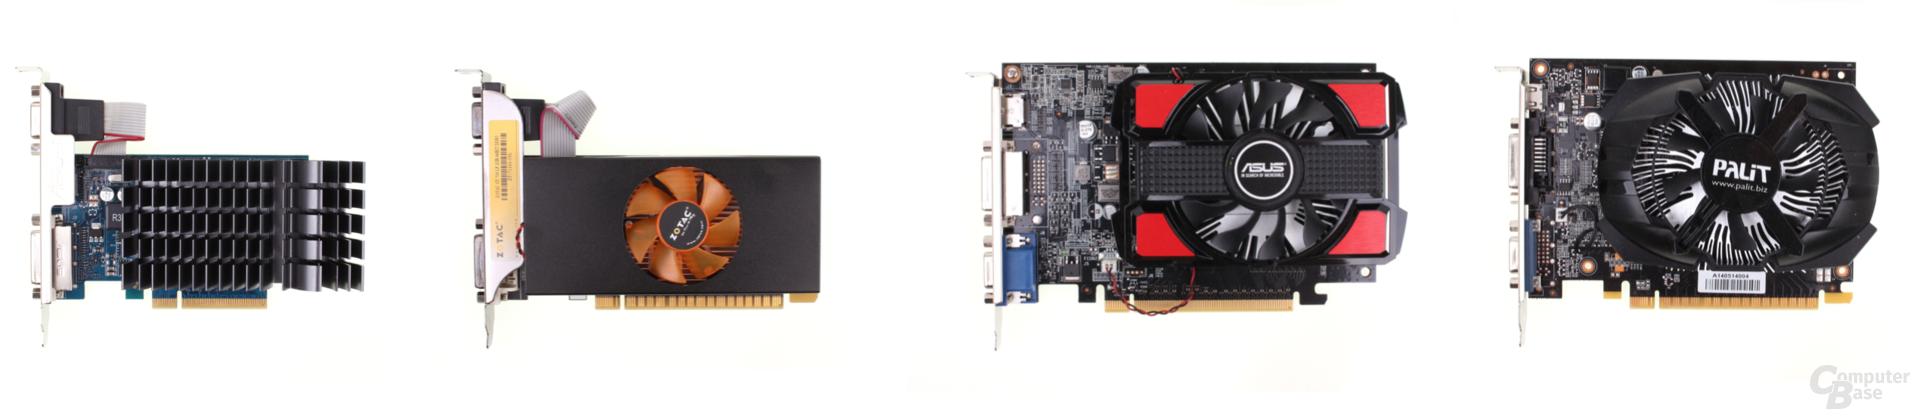 v.l.n.r.: Asus GT 730 DDR3, Zotac GT 730 GDDR5, Asus GT 740 DDR3, Palit GT 740 GDDR5